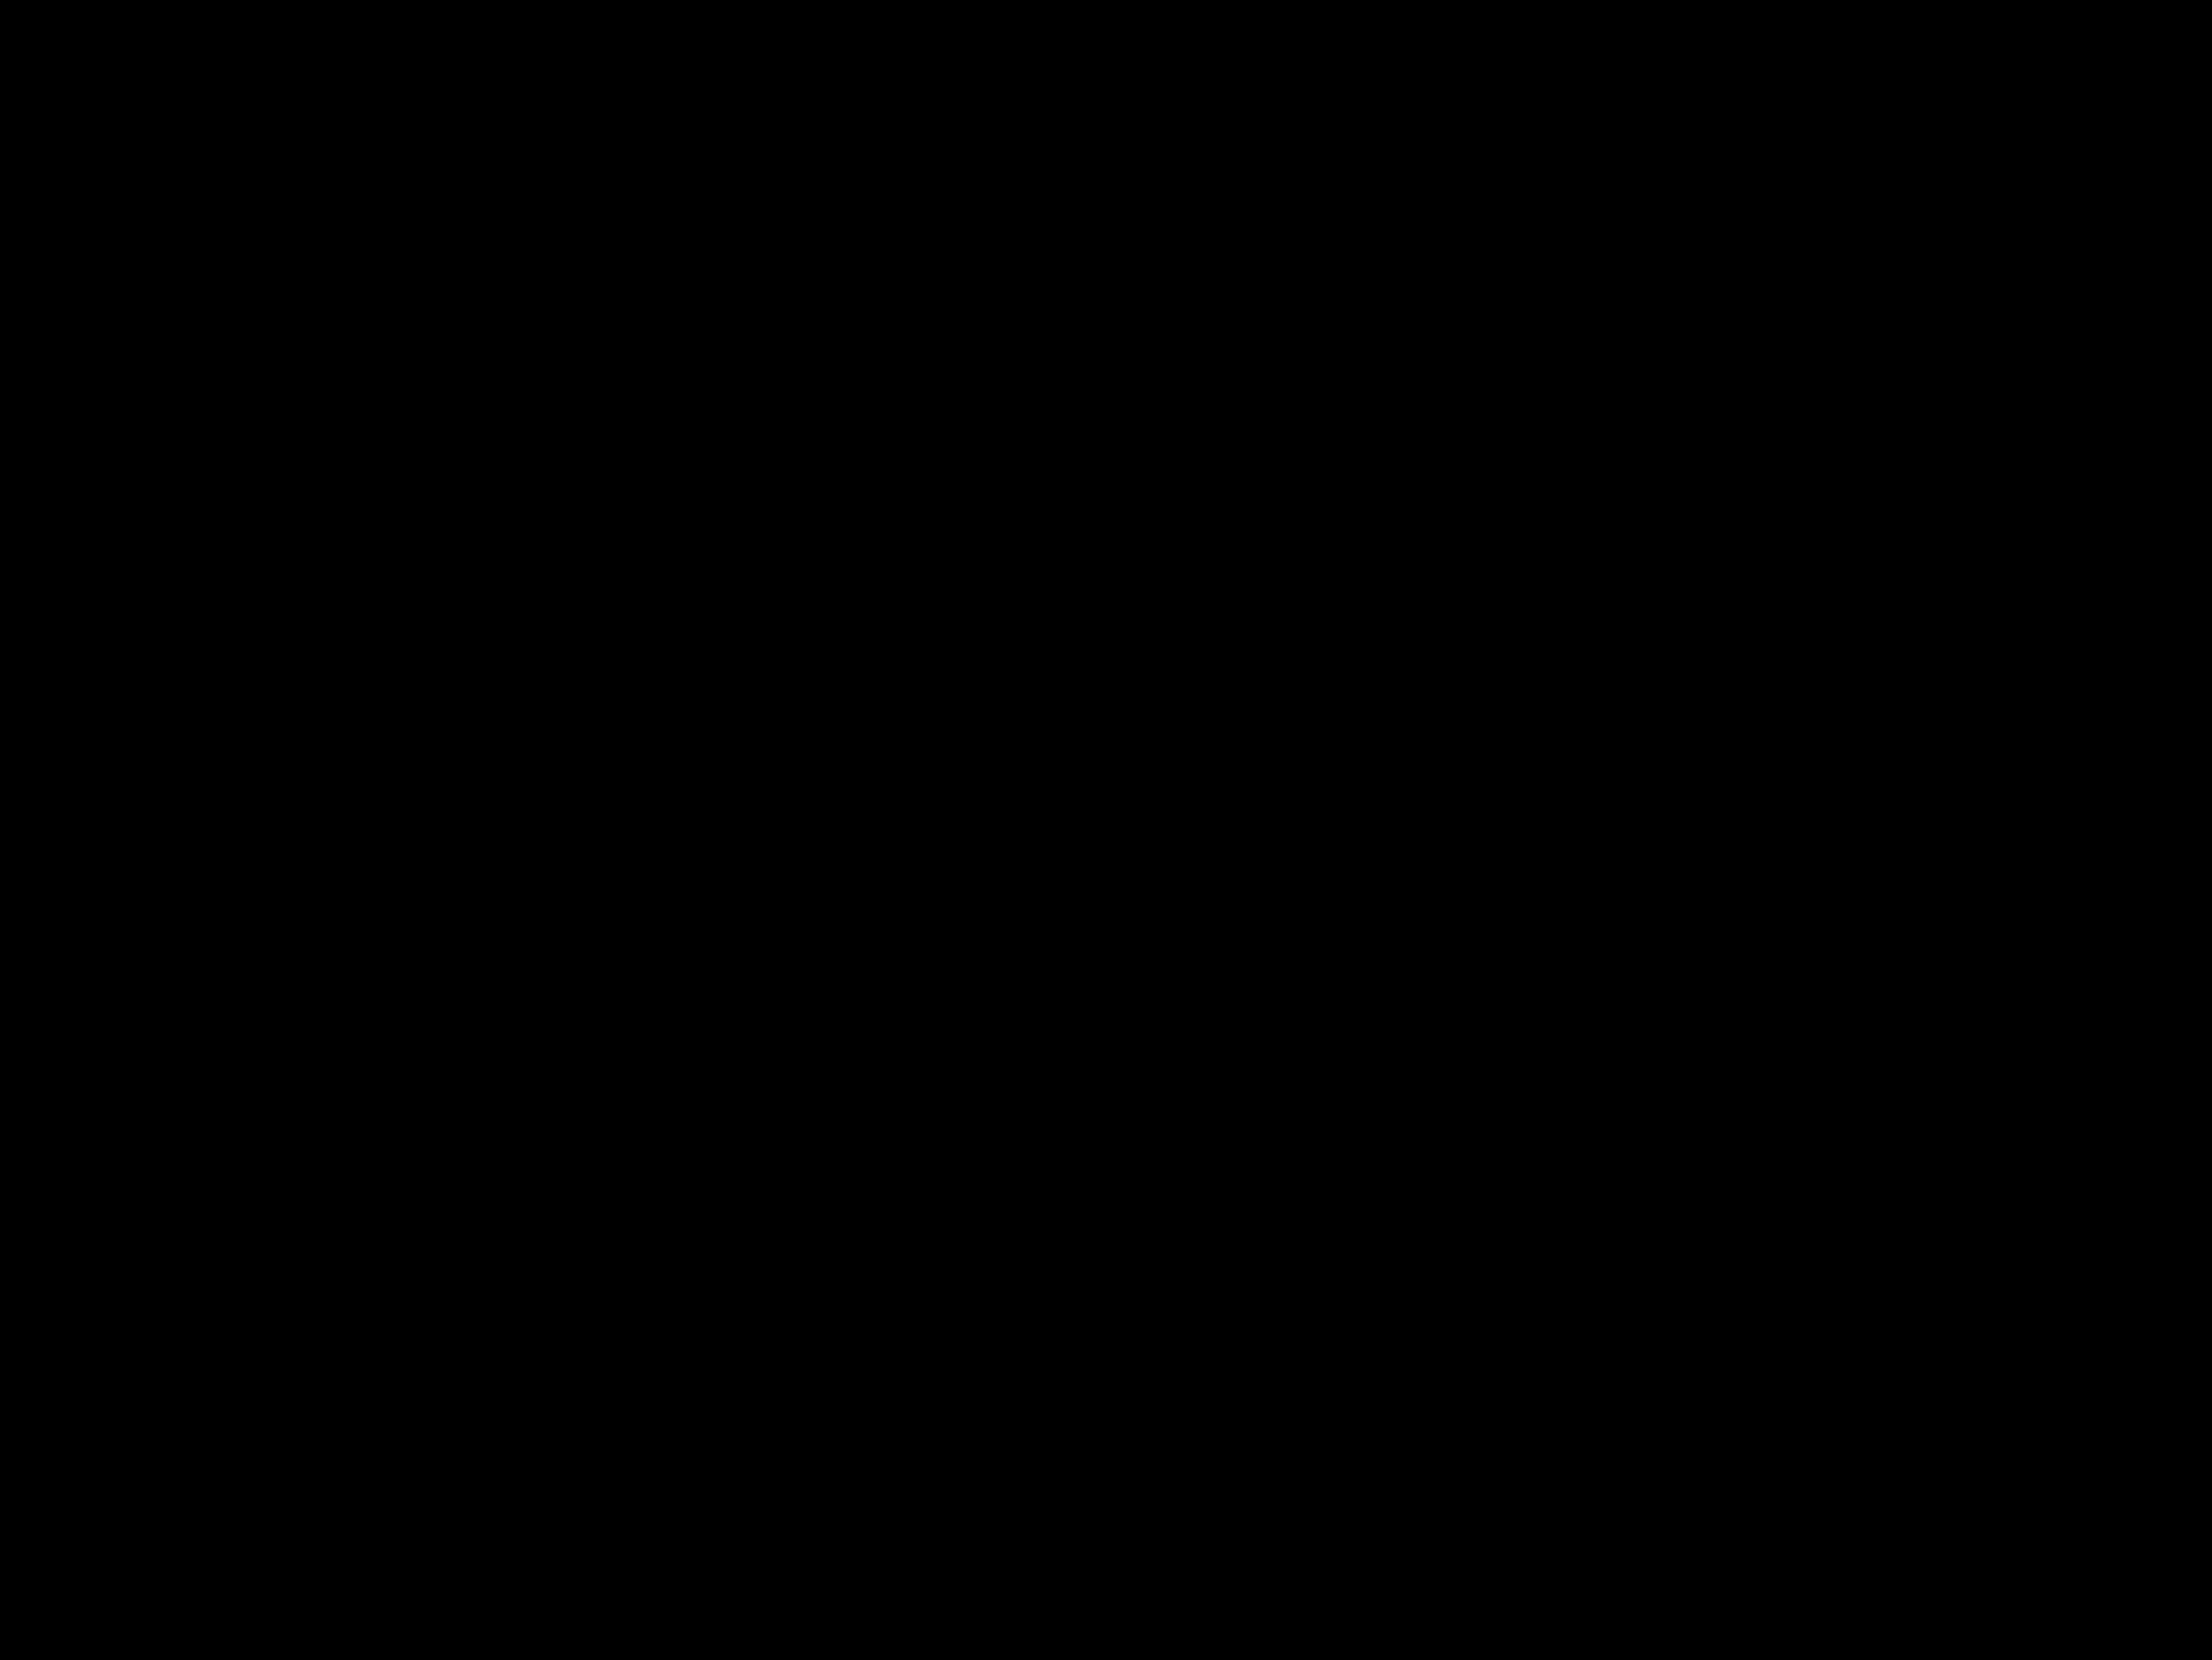 My Design Agent